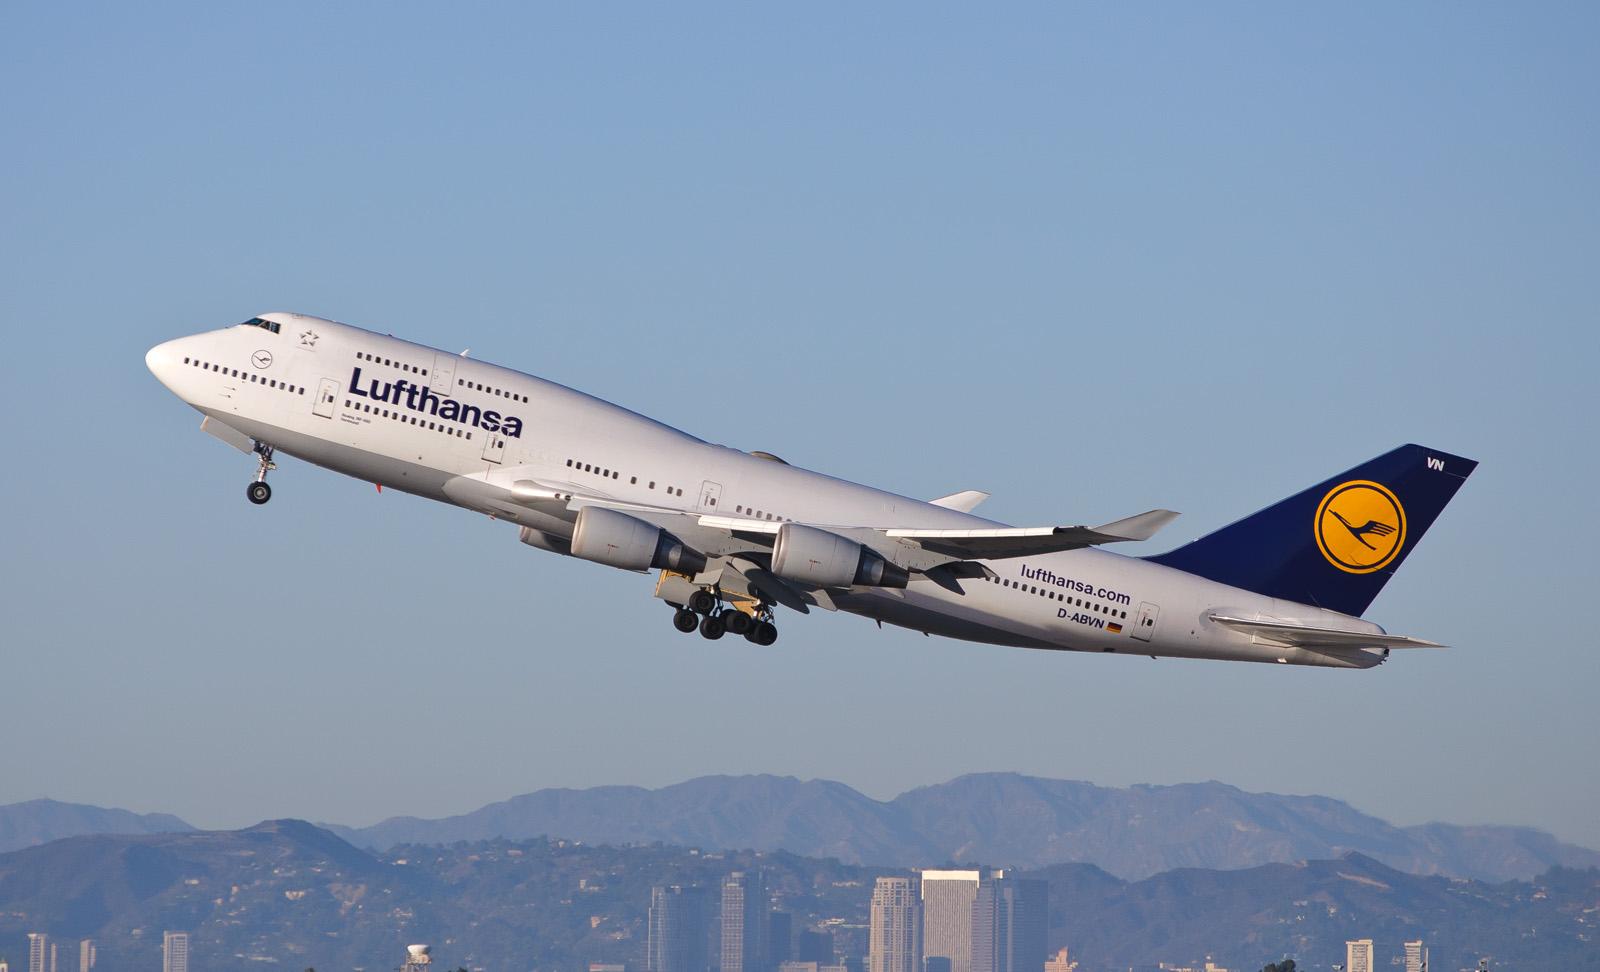 Lufthansa_Geziko